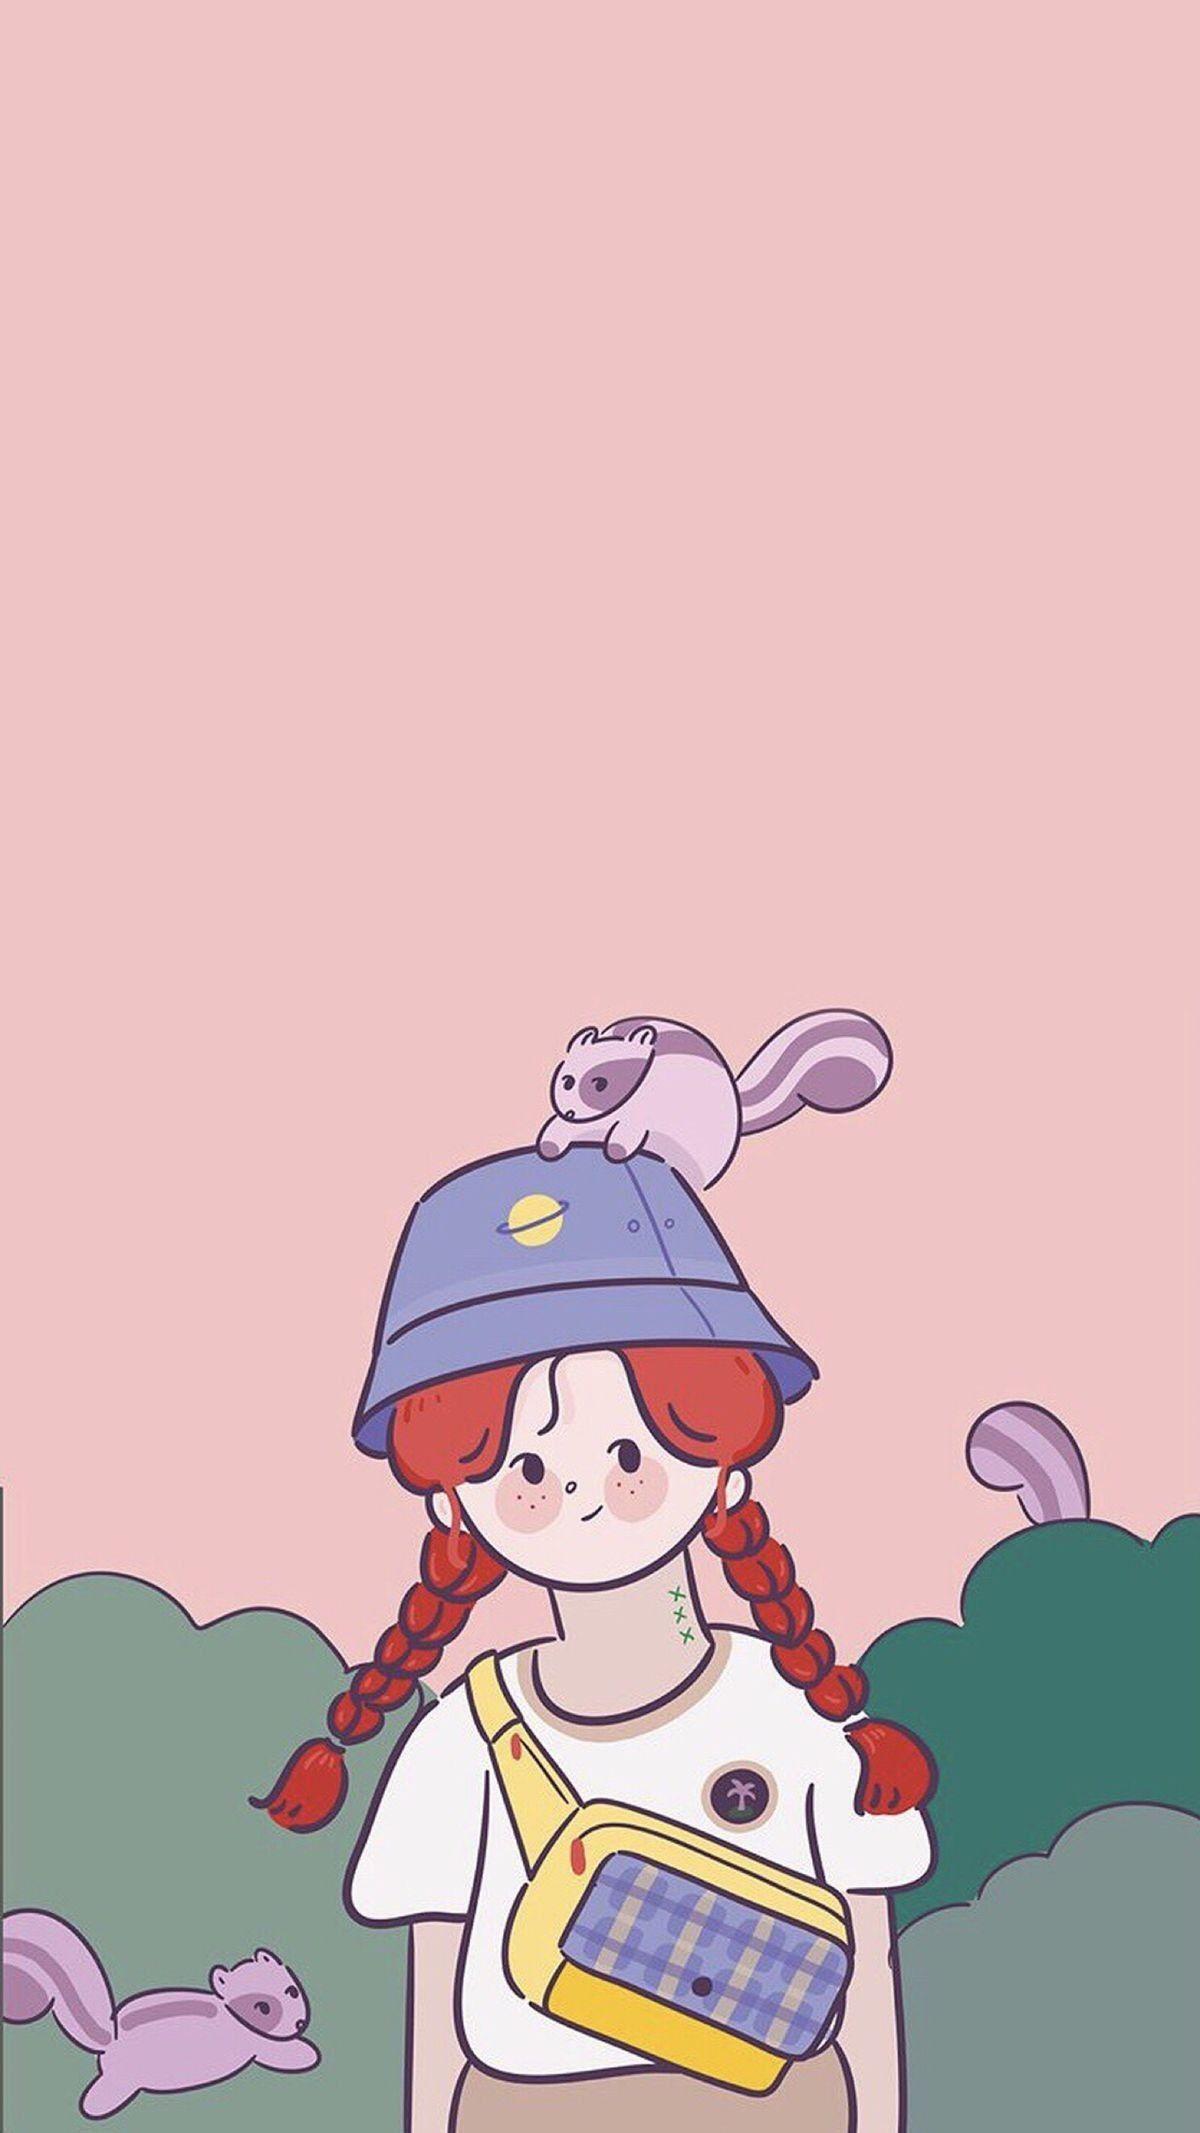 """Pin Oleh Aliza Kwon Di Ë°°ê²½í™""""ë©´ Ilustrasi Karakter Wallpaper Kartun Ilustrasi"""